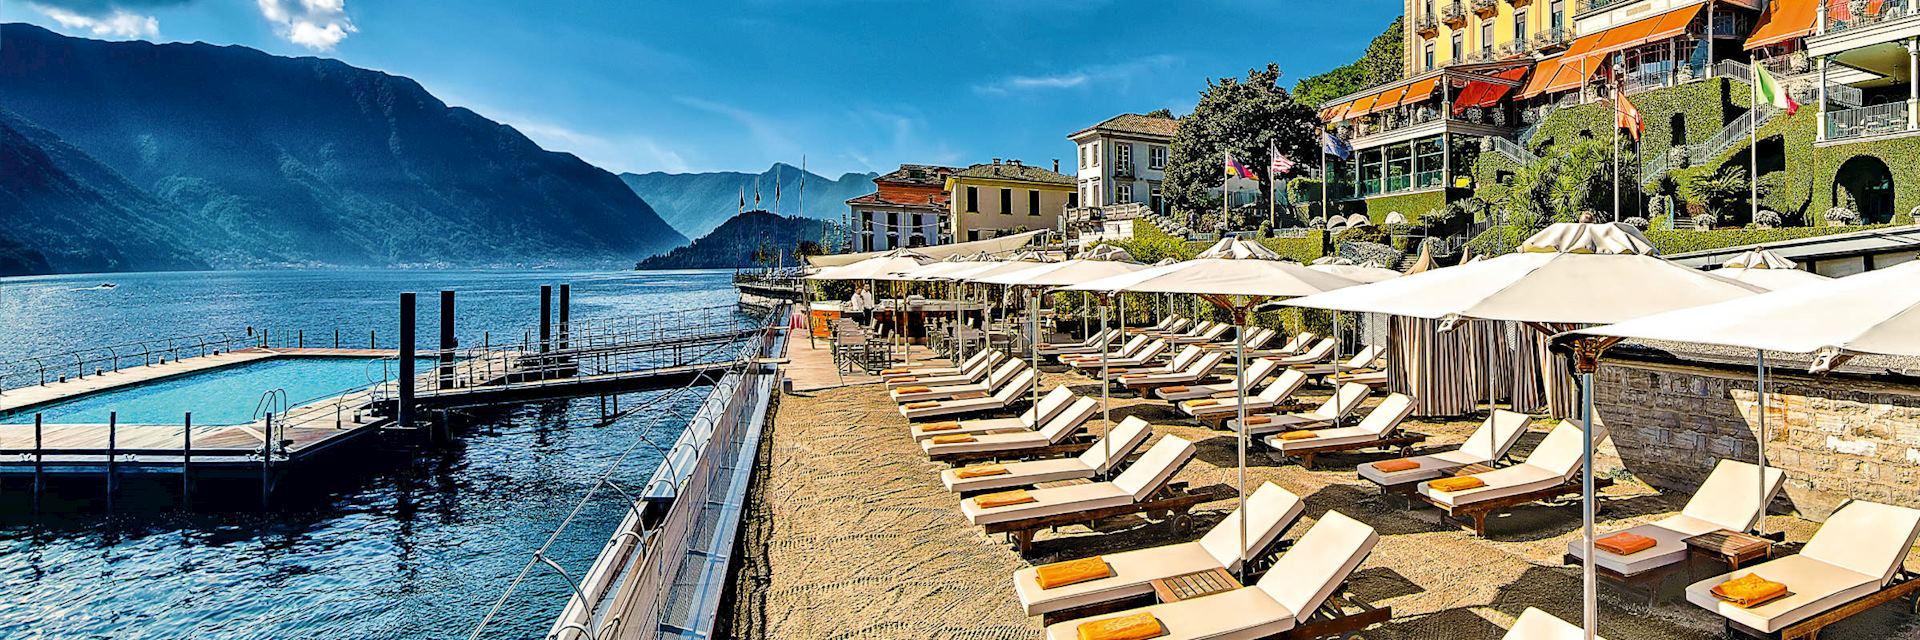 Grand Hotel Tremezzo, Como